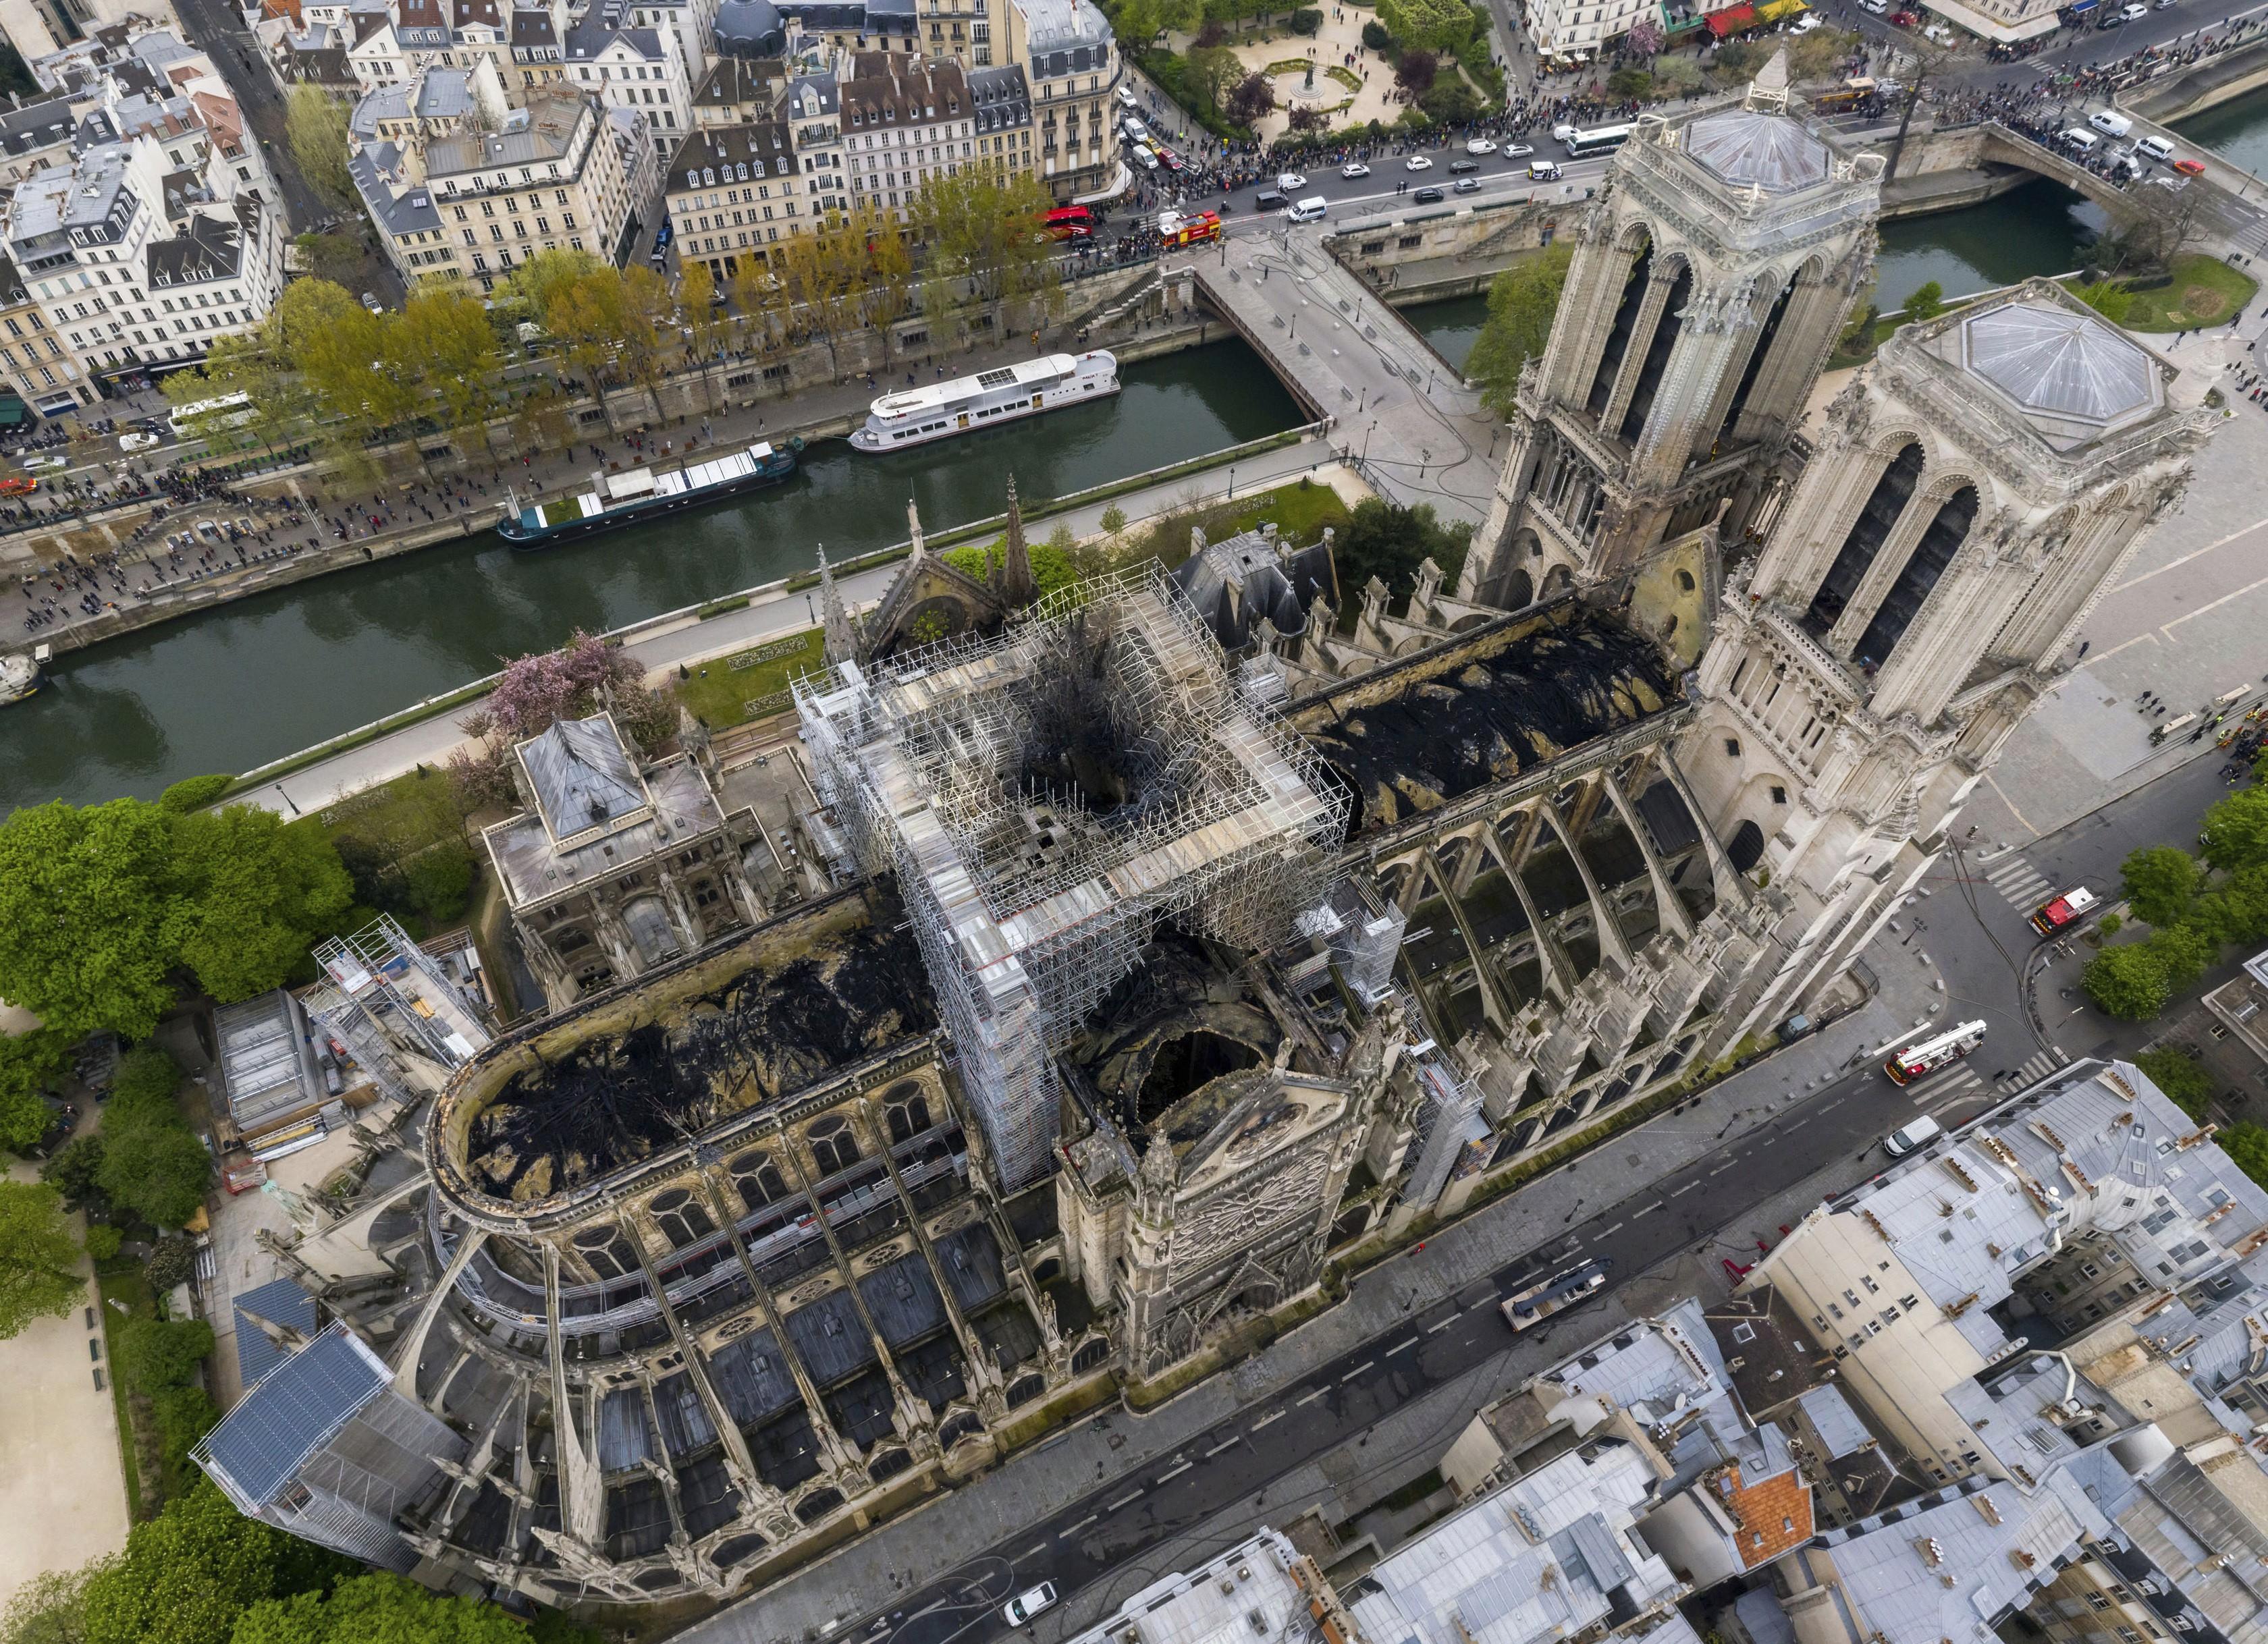 Abelhas da catedral de Notre-Dame escaparam de incêndio